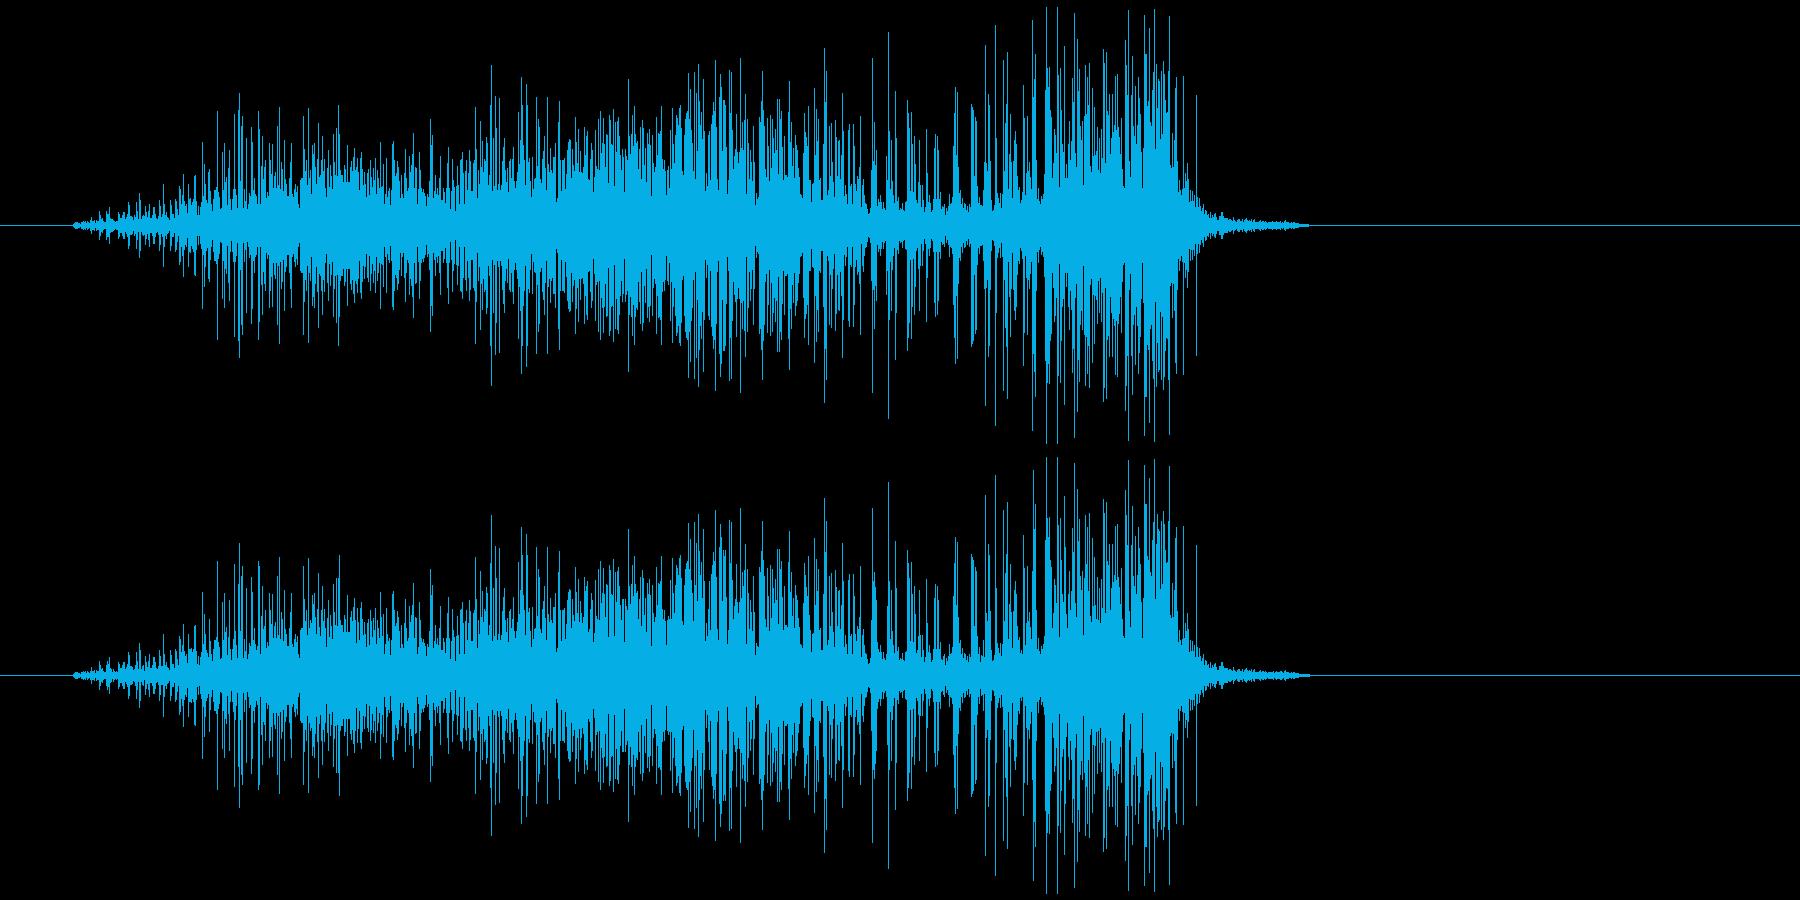 ビリビリ(布が破れる音)の再生済みの波形